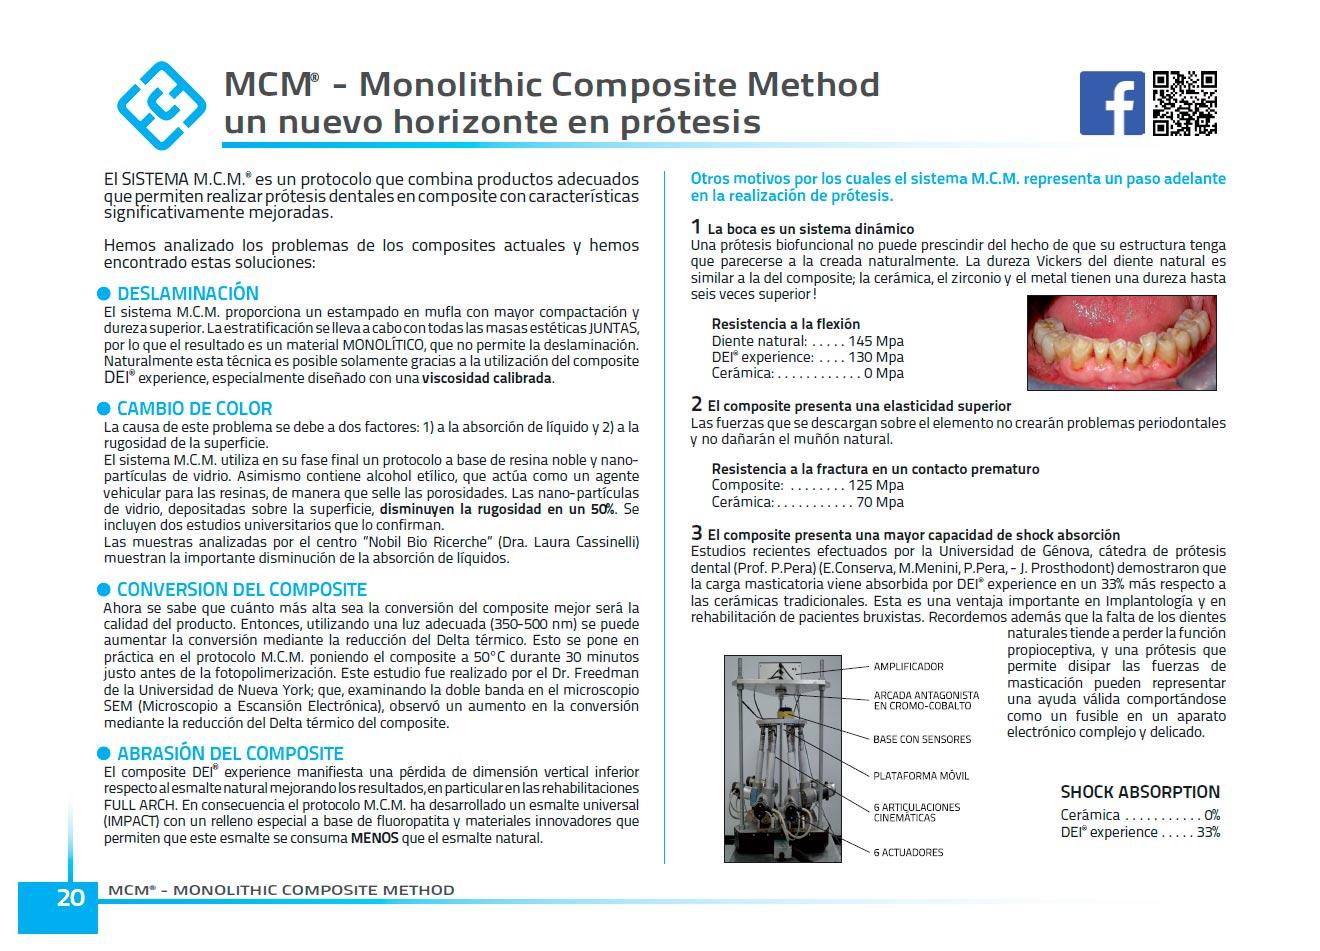 MCM_1.jpg